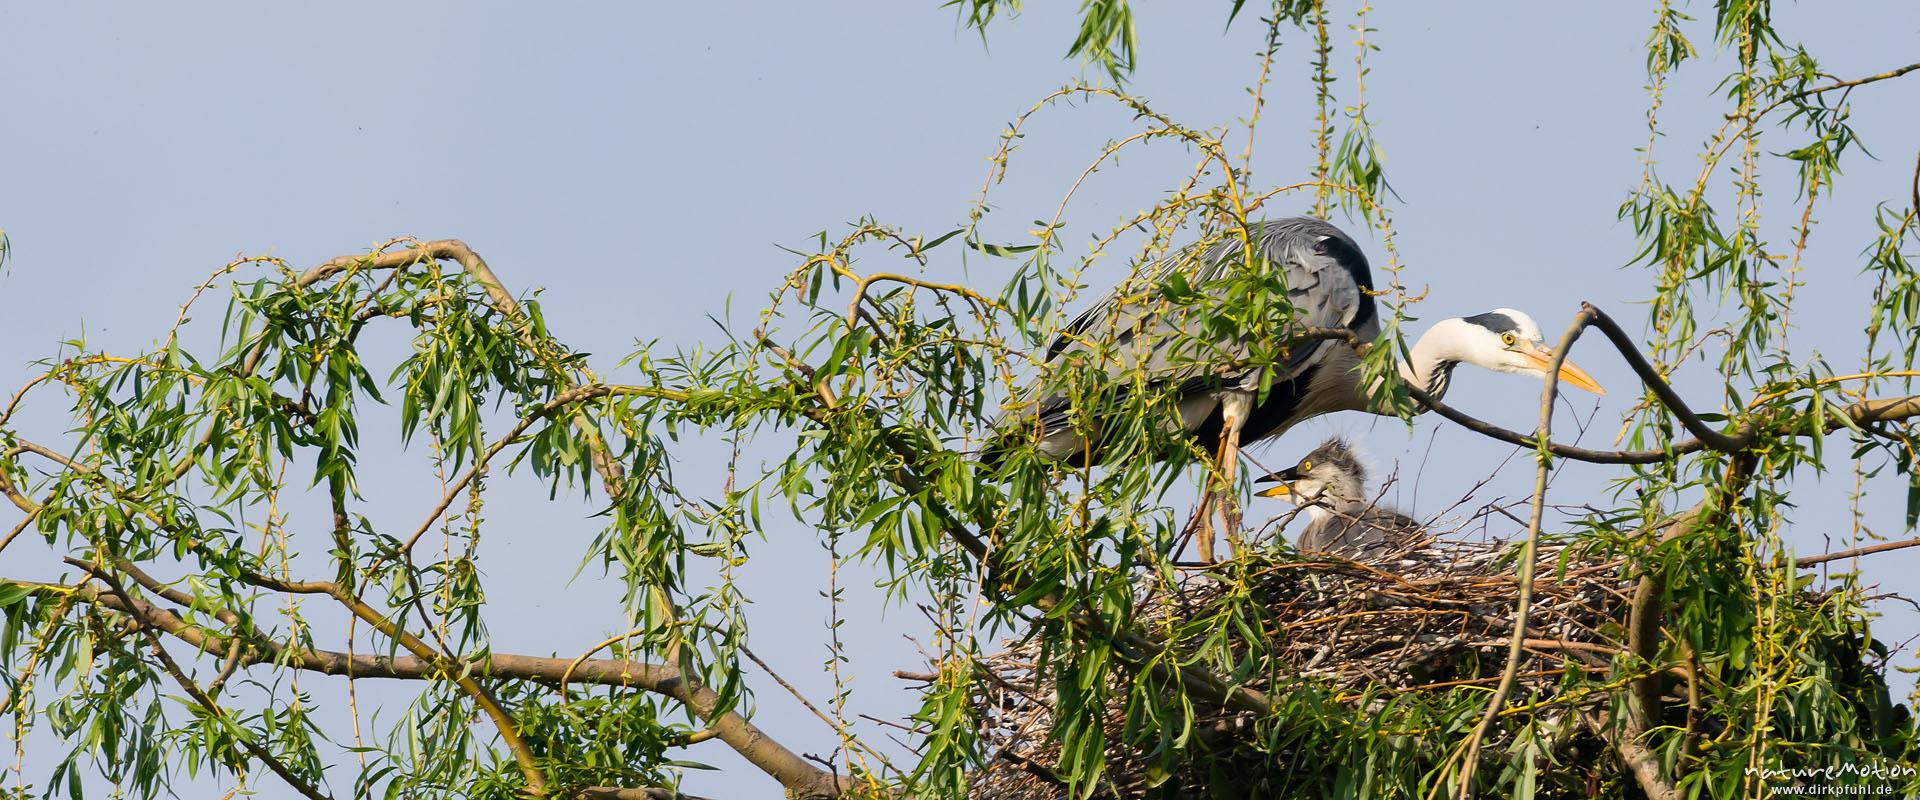 Graureiher, Alttier und Küken im Nest, Levinscher Park, Göttingen